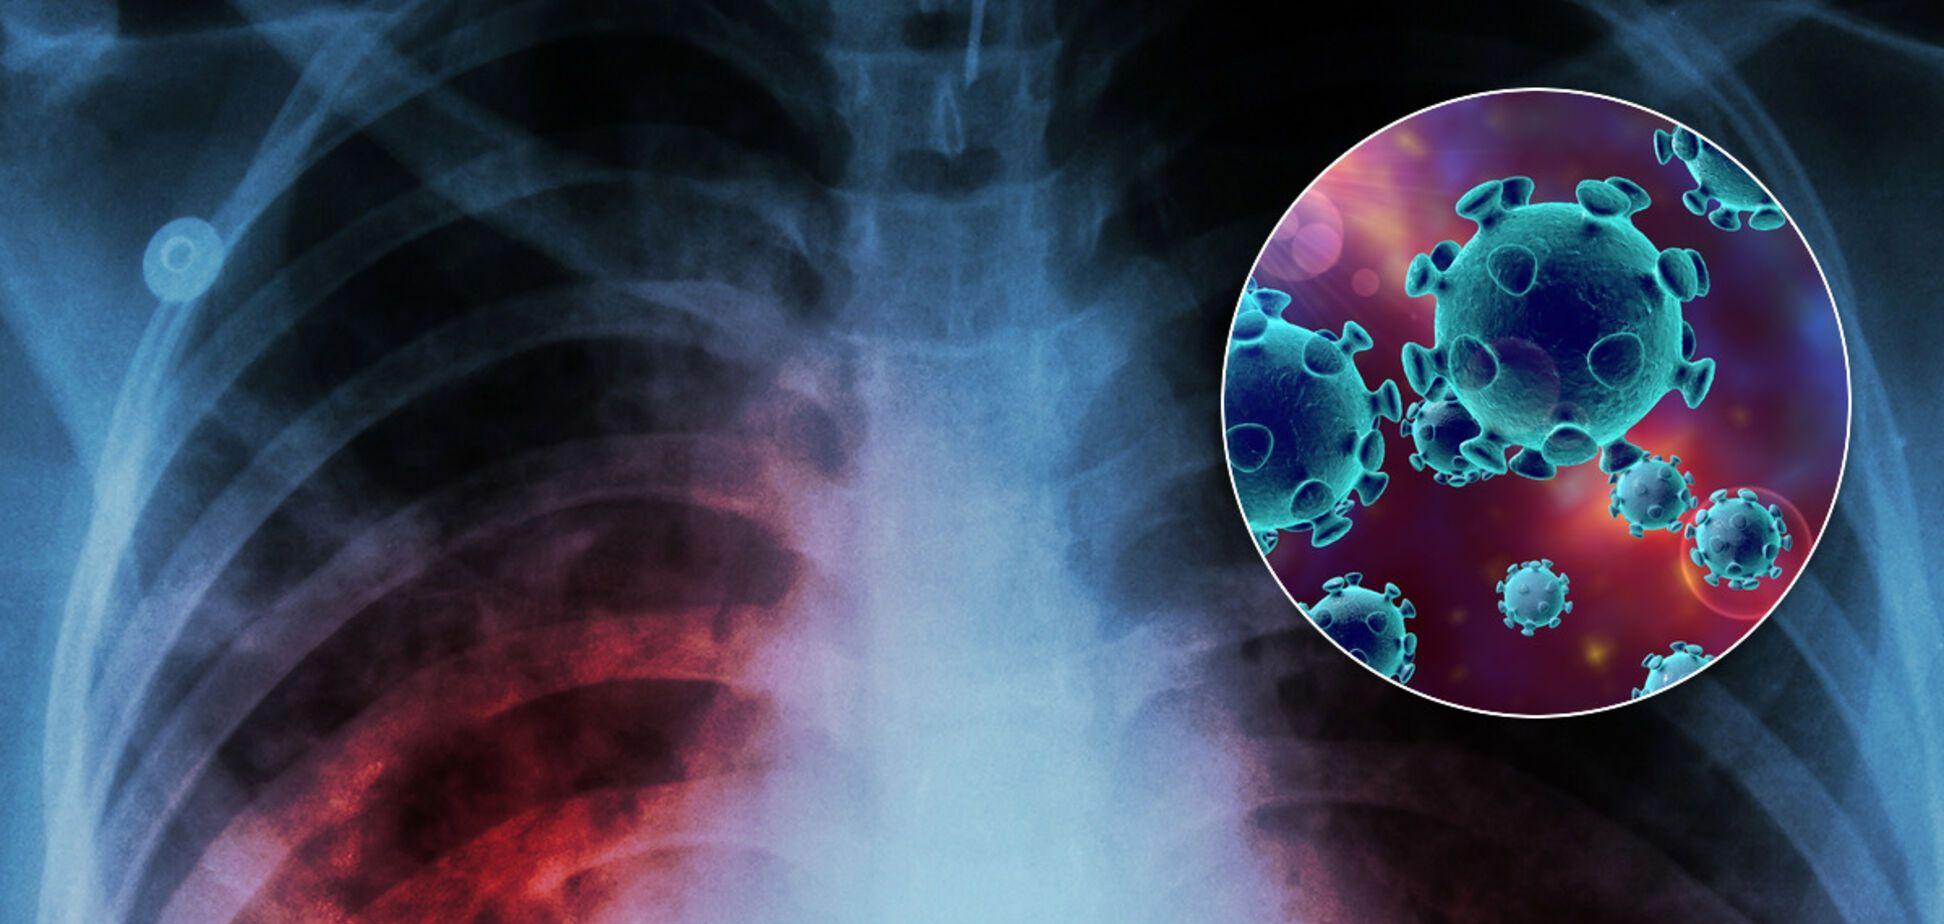 Може загинути 1,4 мільйона: після пандемії COVID-19 світу загрожує нова небезпека